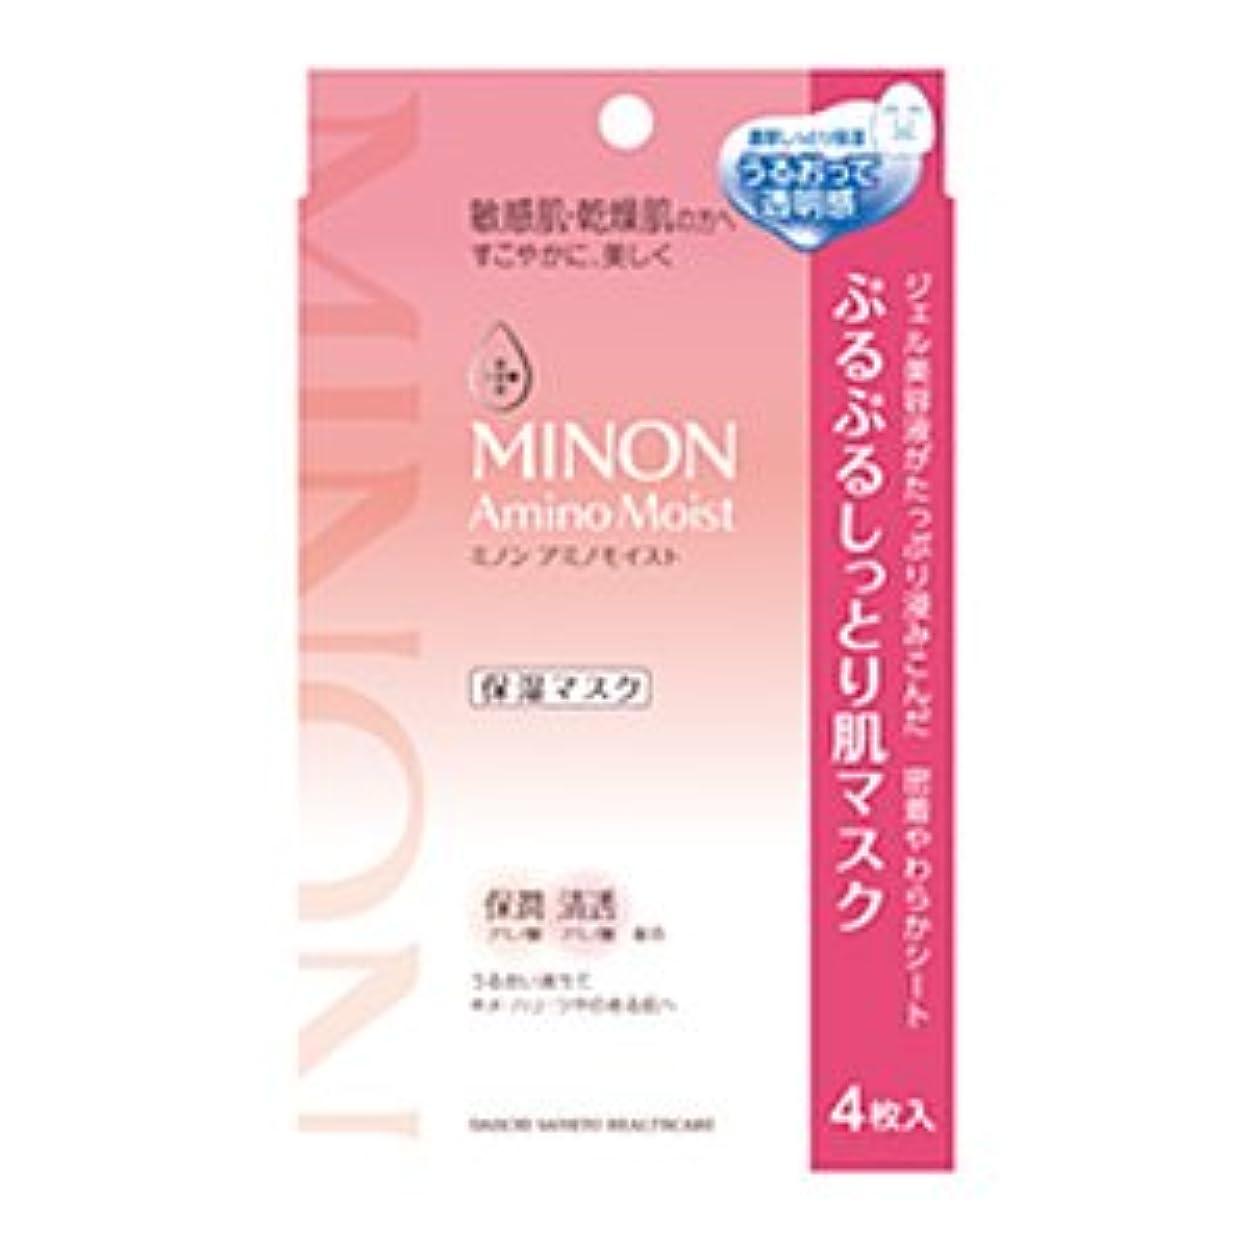 ミノン アミノモイスト ぷるぷるしっとり肌マスク(22ml×4枚入) ×48箱セット 1ケース分